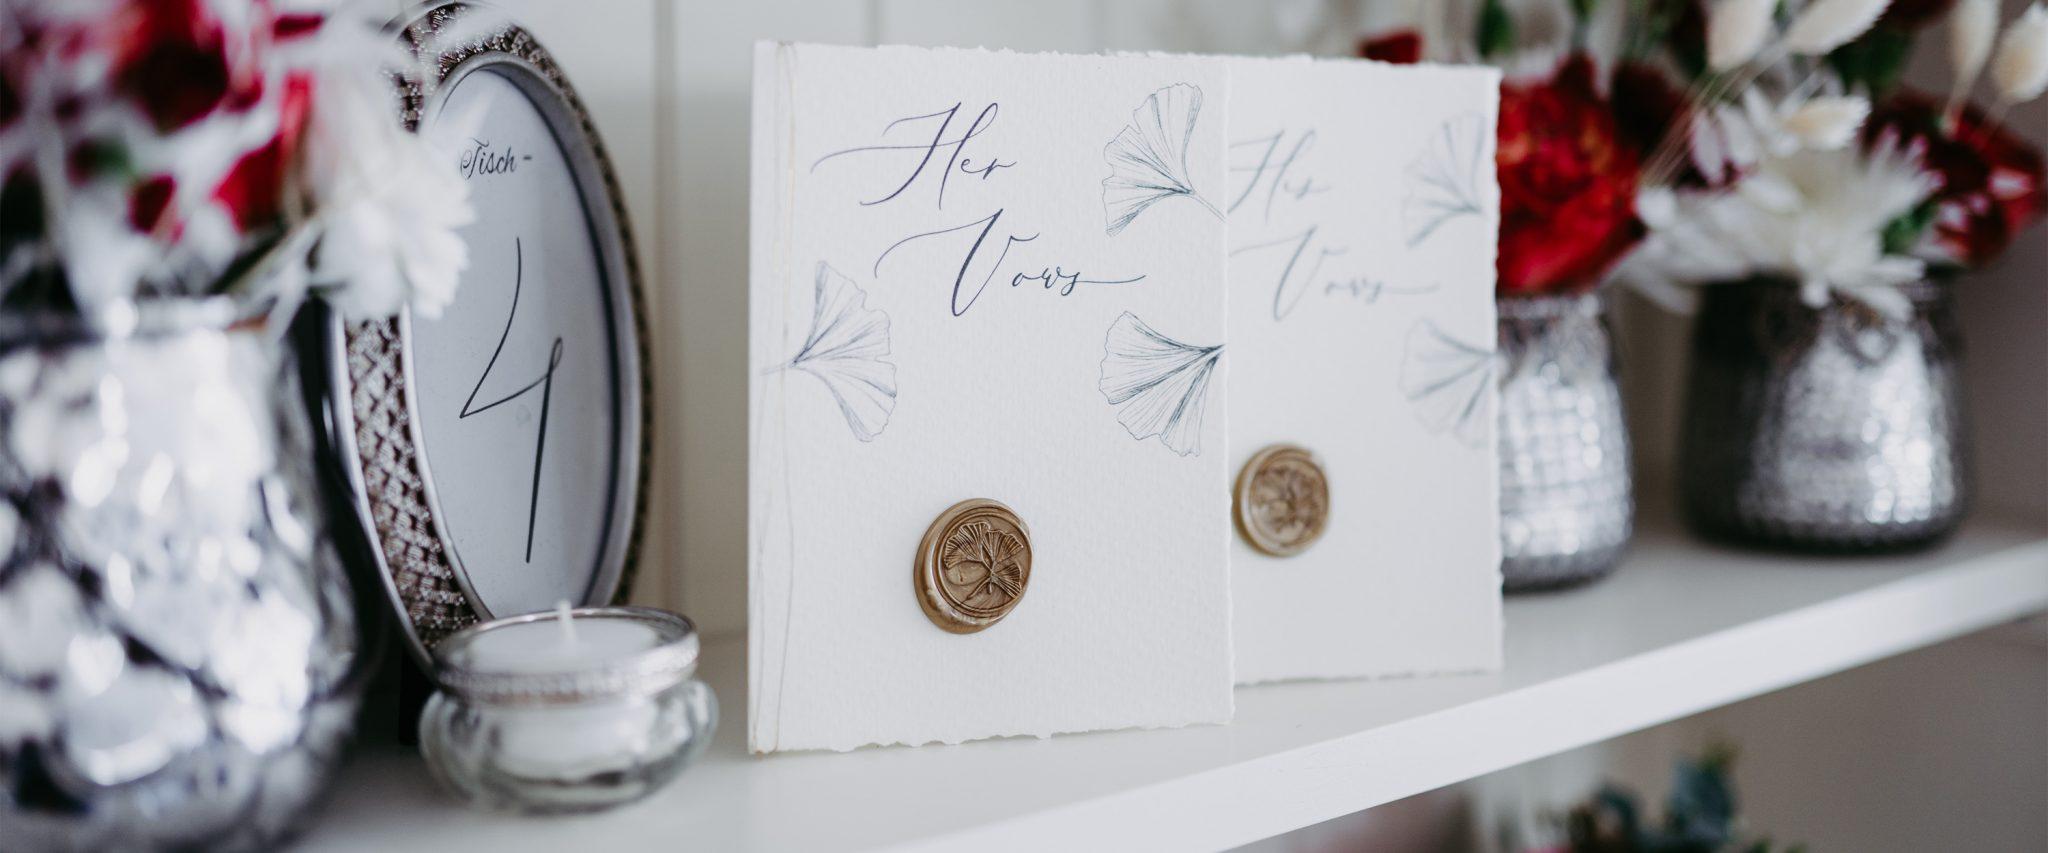 wedding-hochzeit-fine-art-papeterie-jasmin-gold-siegel-vows-buette-eheversprechen